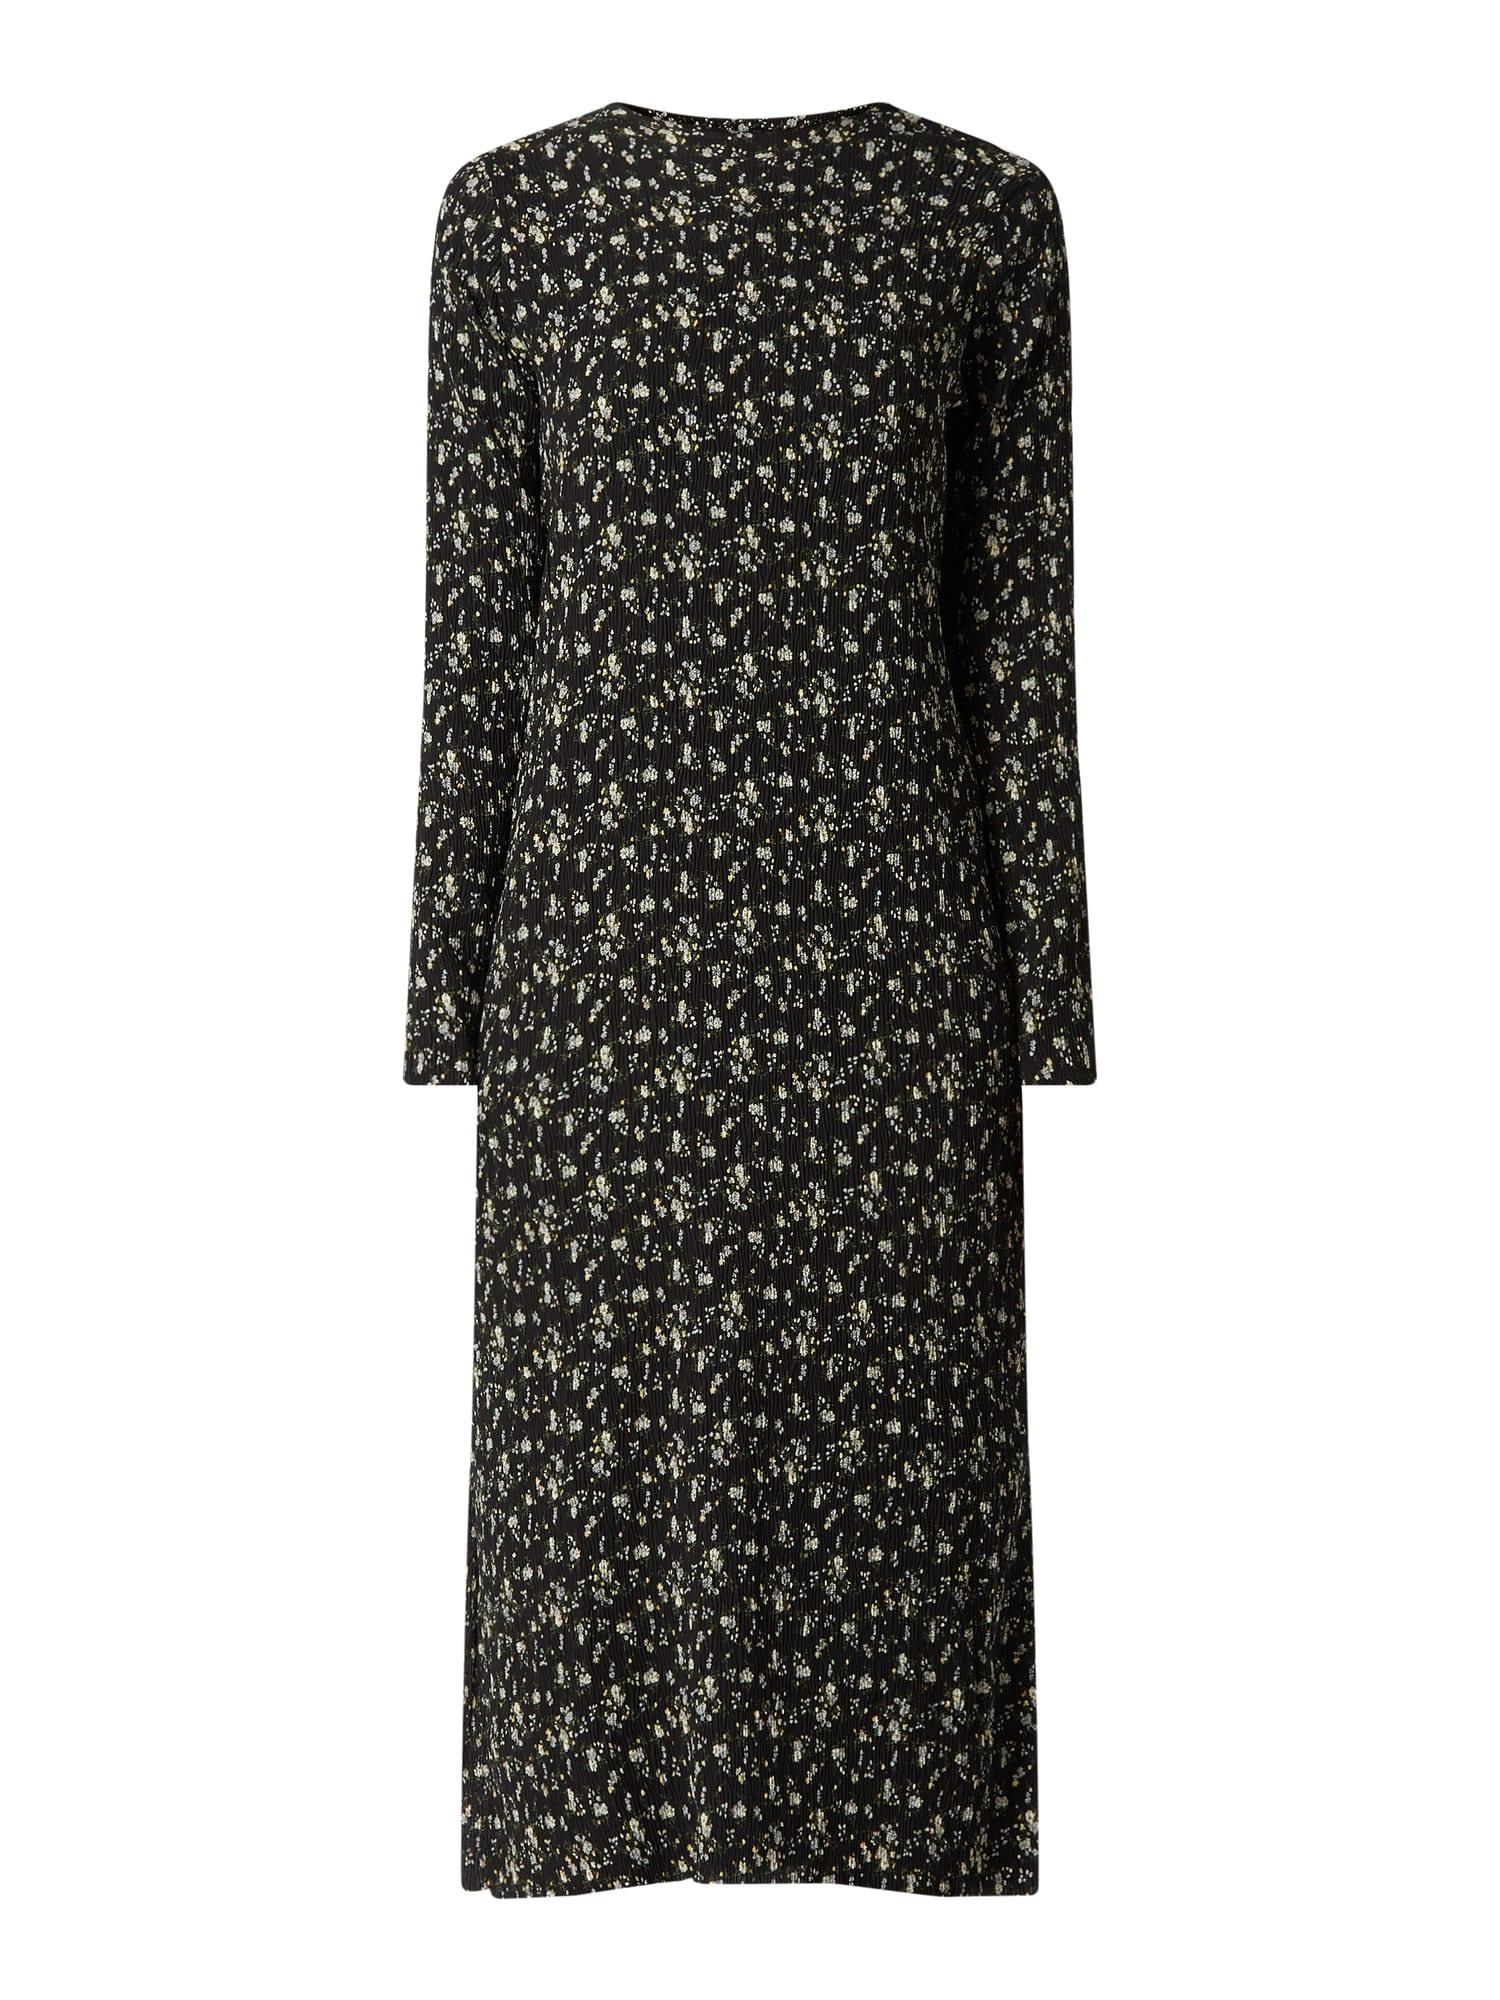 Neo Noir Kleid Aus Krepp In Grau / Schwarz Online Kaufen